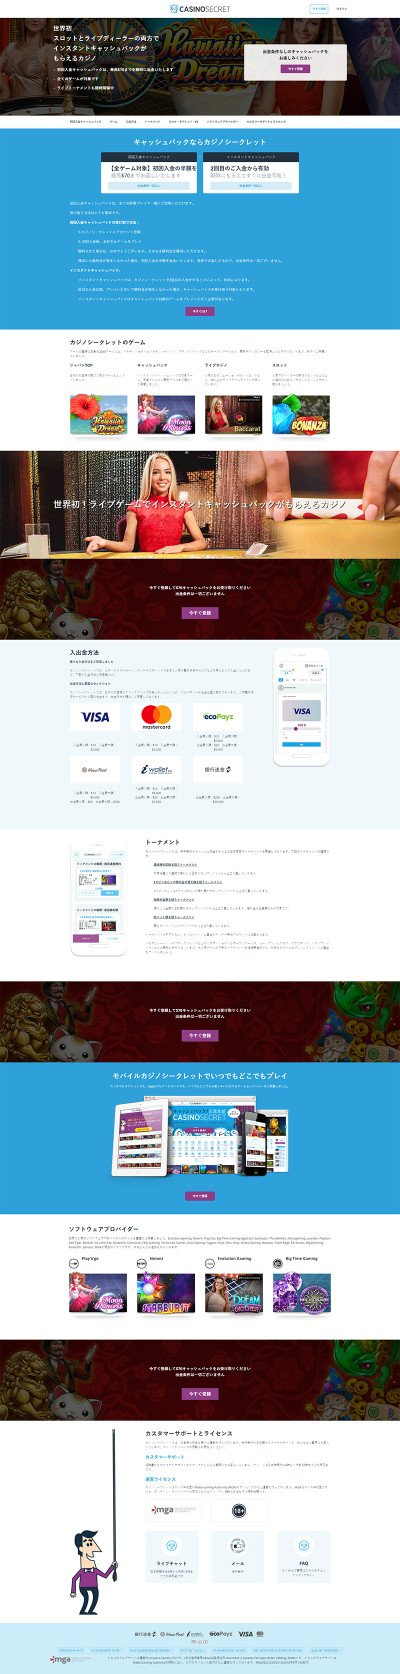 カジノシークレット Screenshot